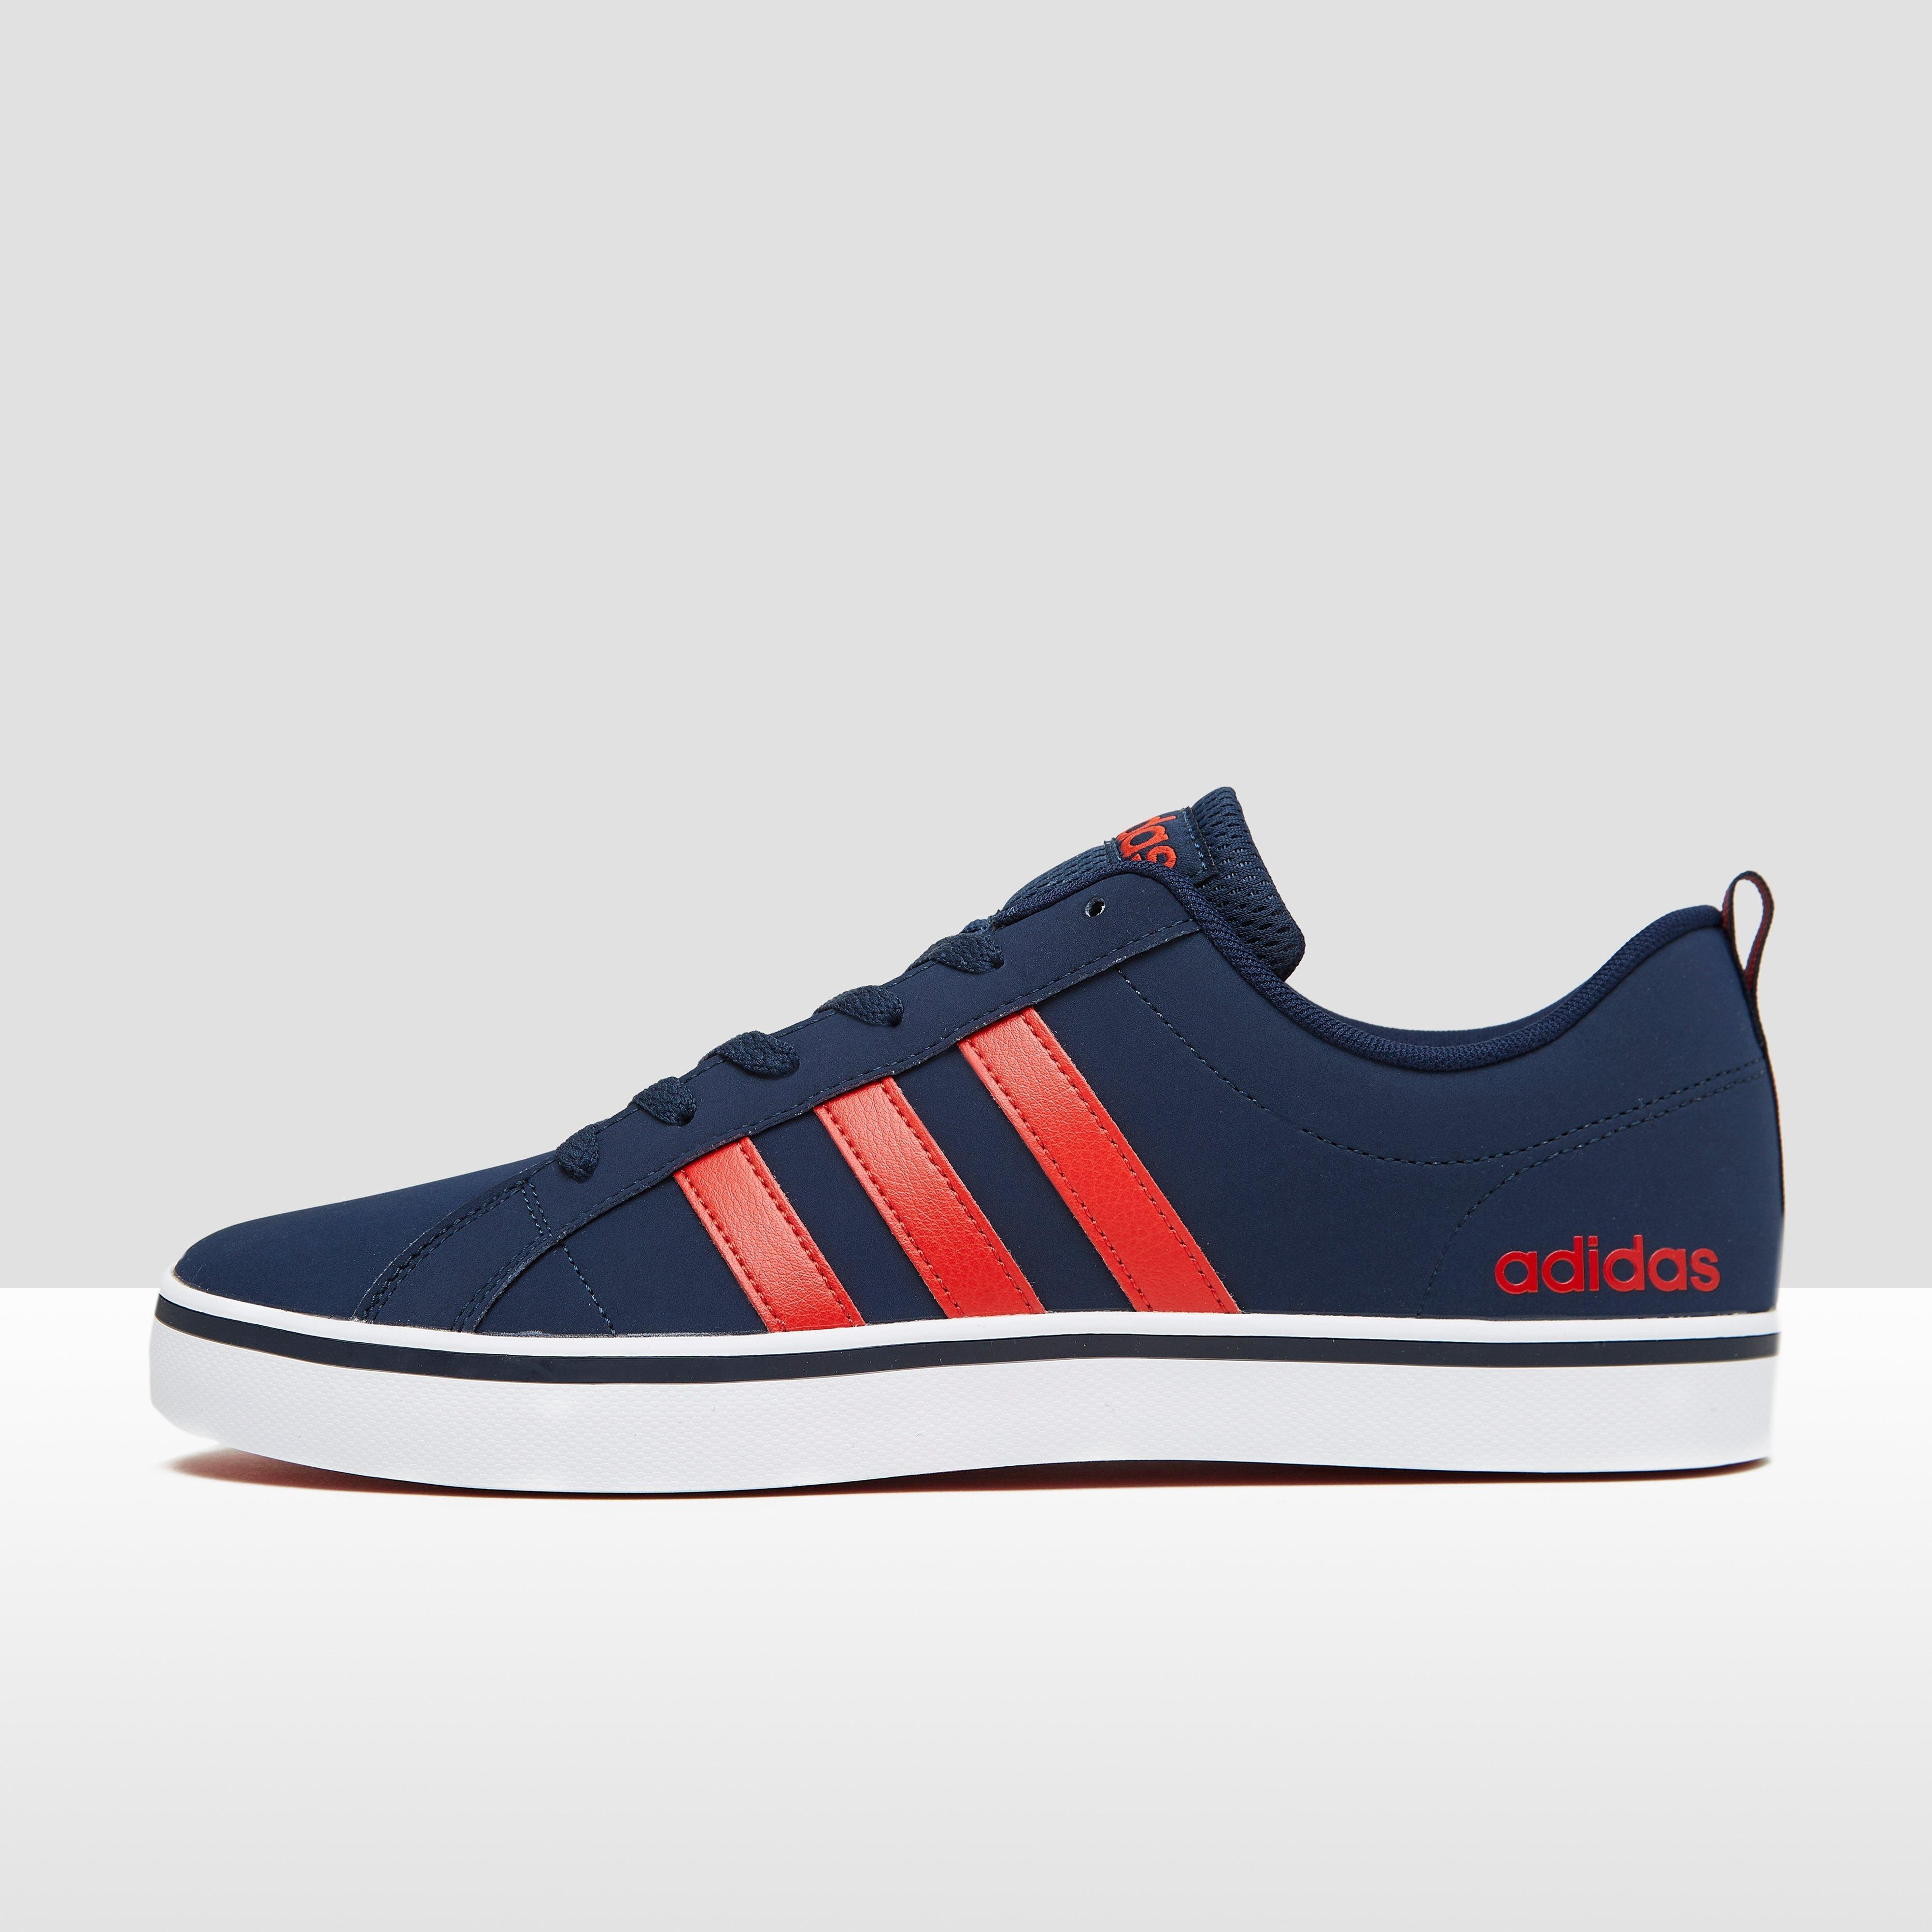 Rouge Adidas Chaussures Cerceaux Pour Les Hommes aZMl7